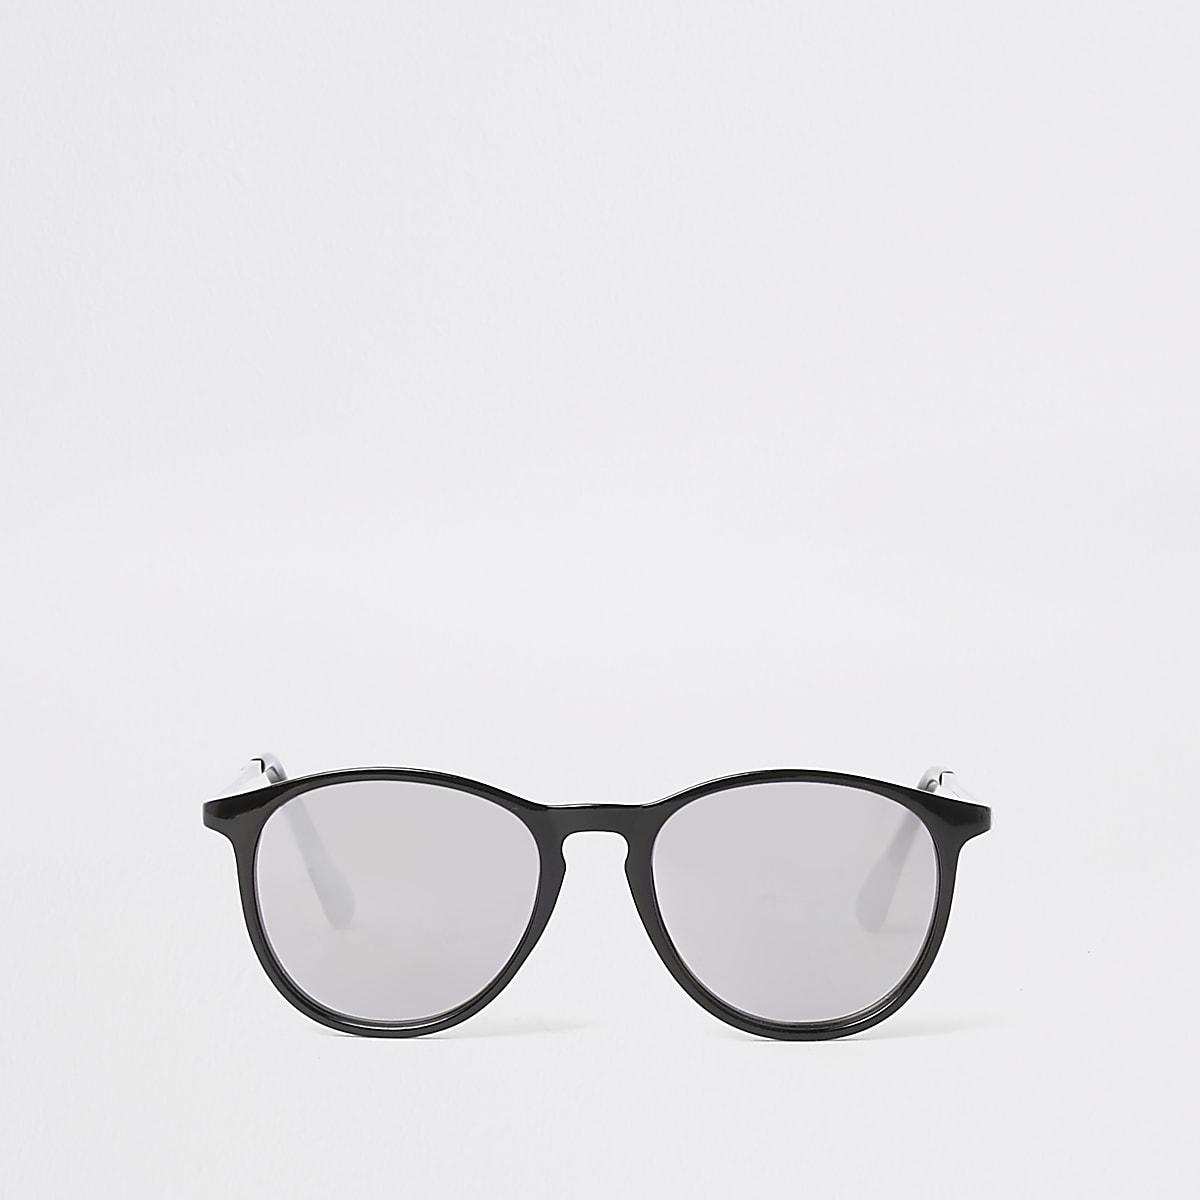 fbbbc2cff02f9e ... Zwarte retro zonnebril met getinte glazen voor jongens ...